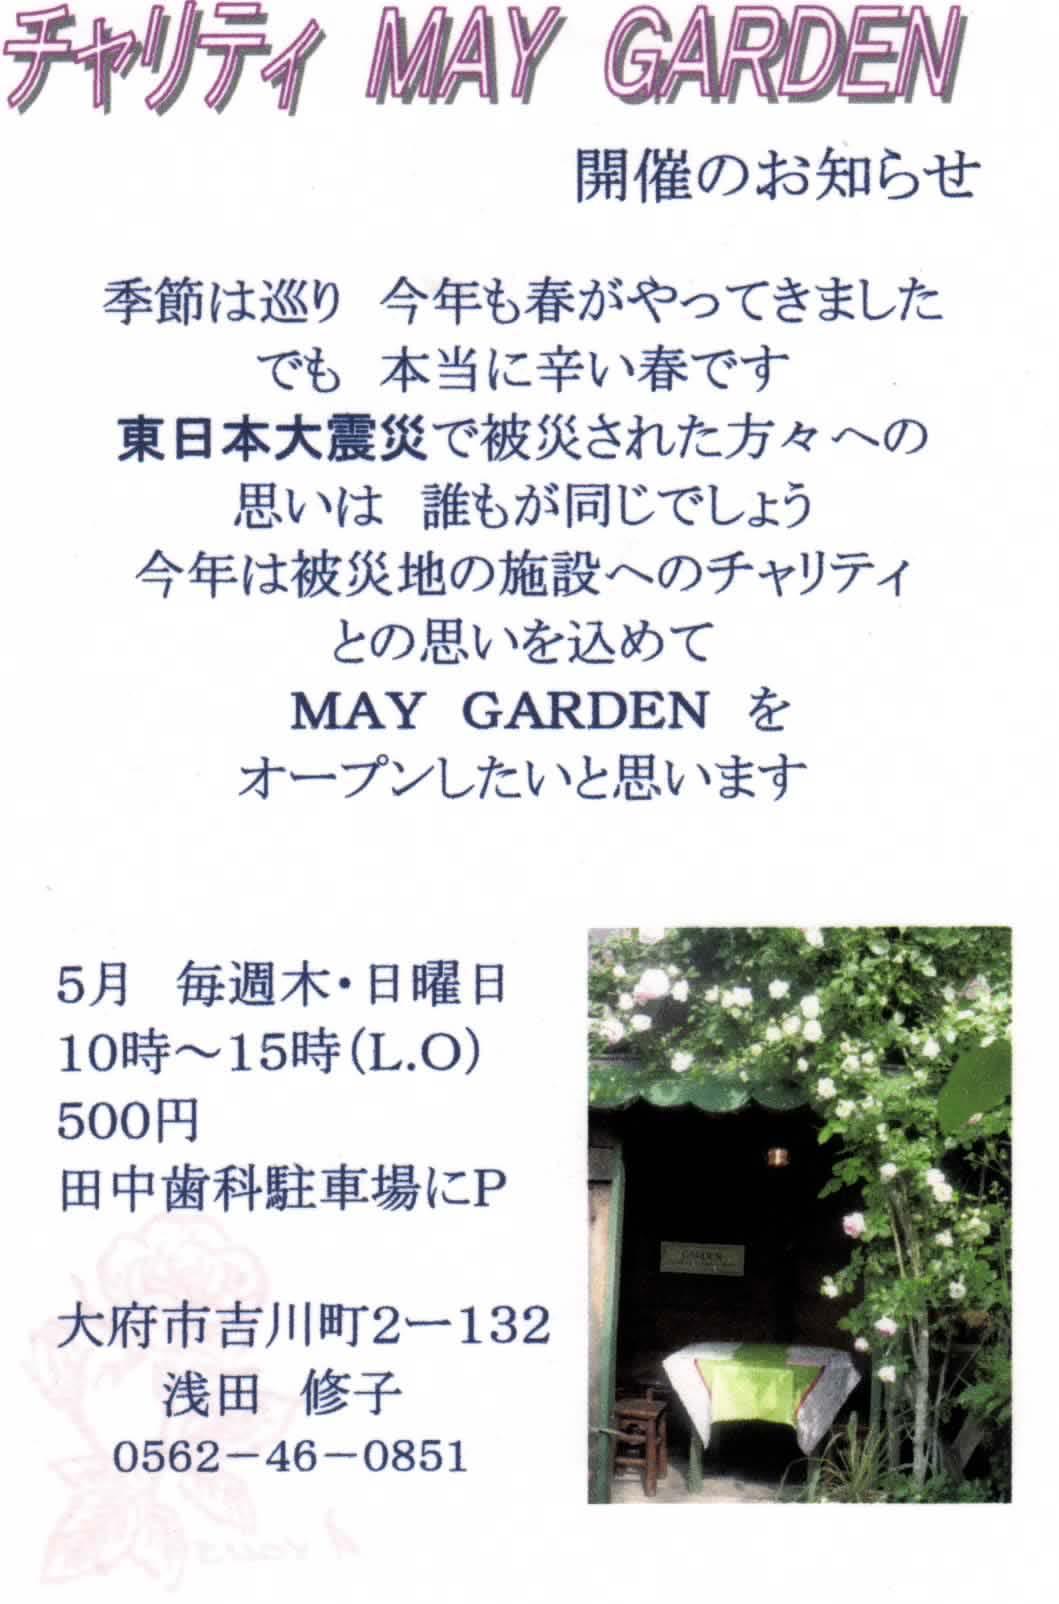 「チャリティ MAY  GARDEN 」にお出かけください!_f0139333_082444.jpg